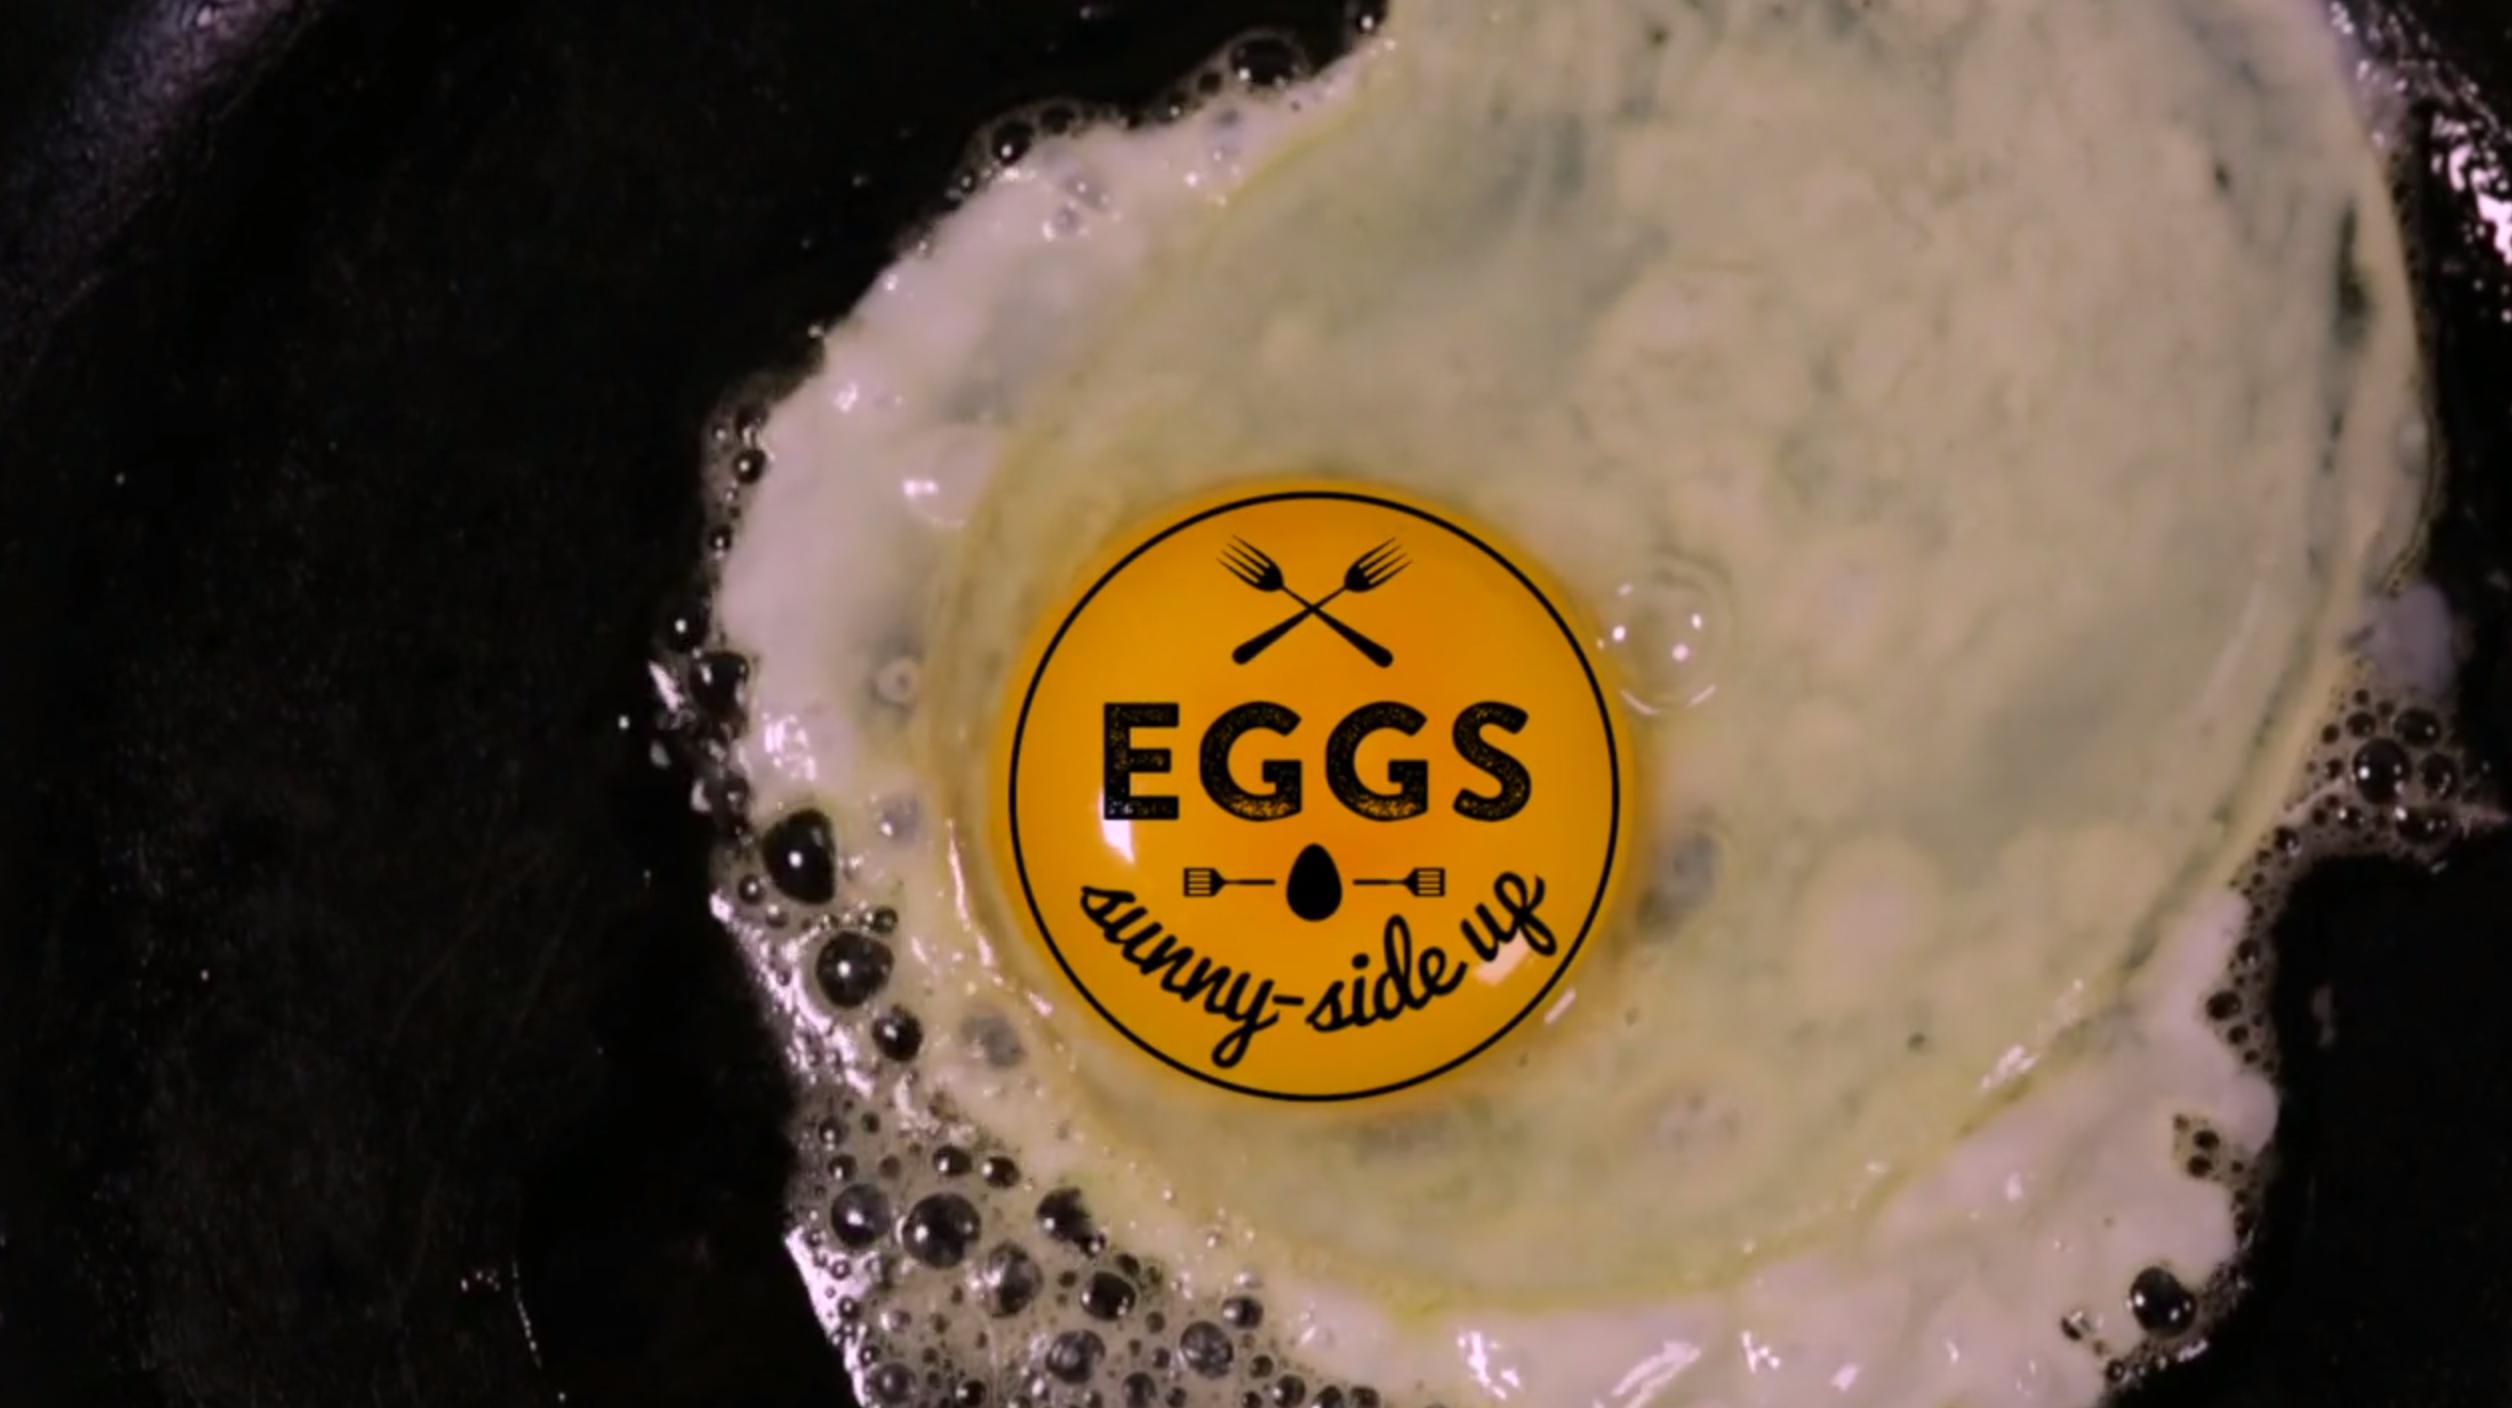 12 façons de faire des oeufs en une vidéo !